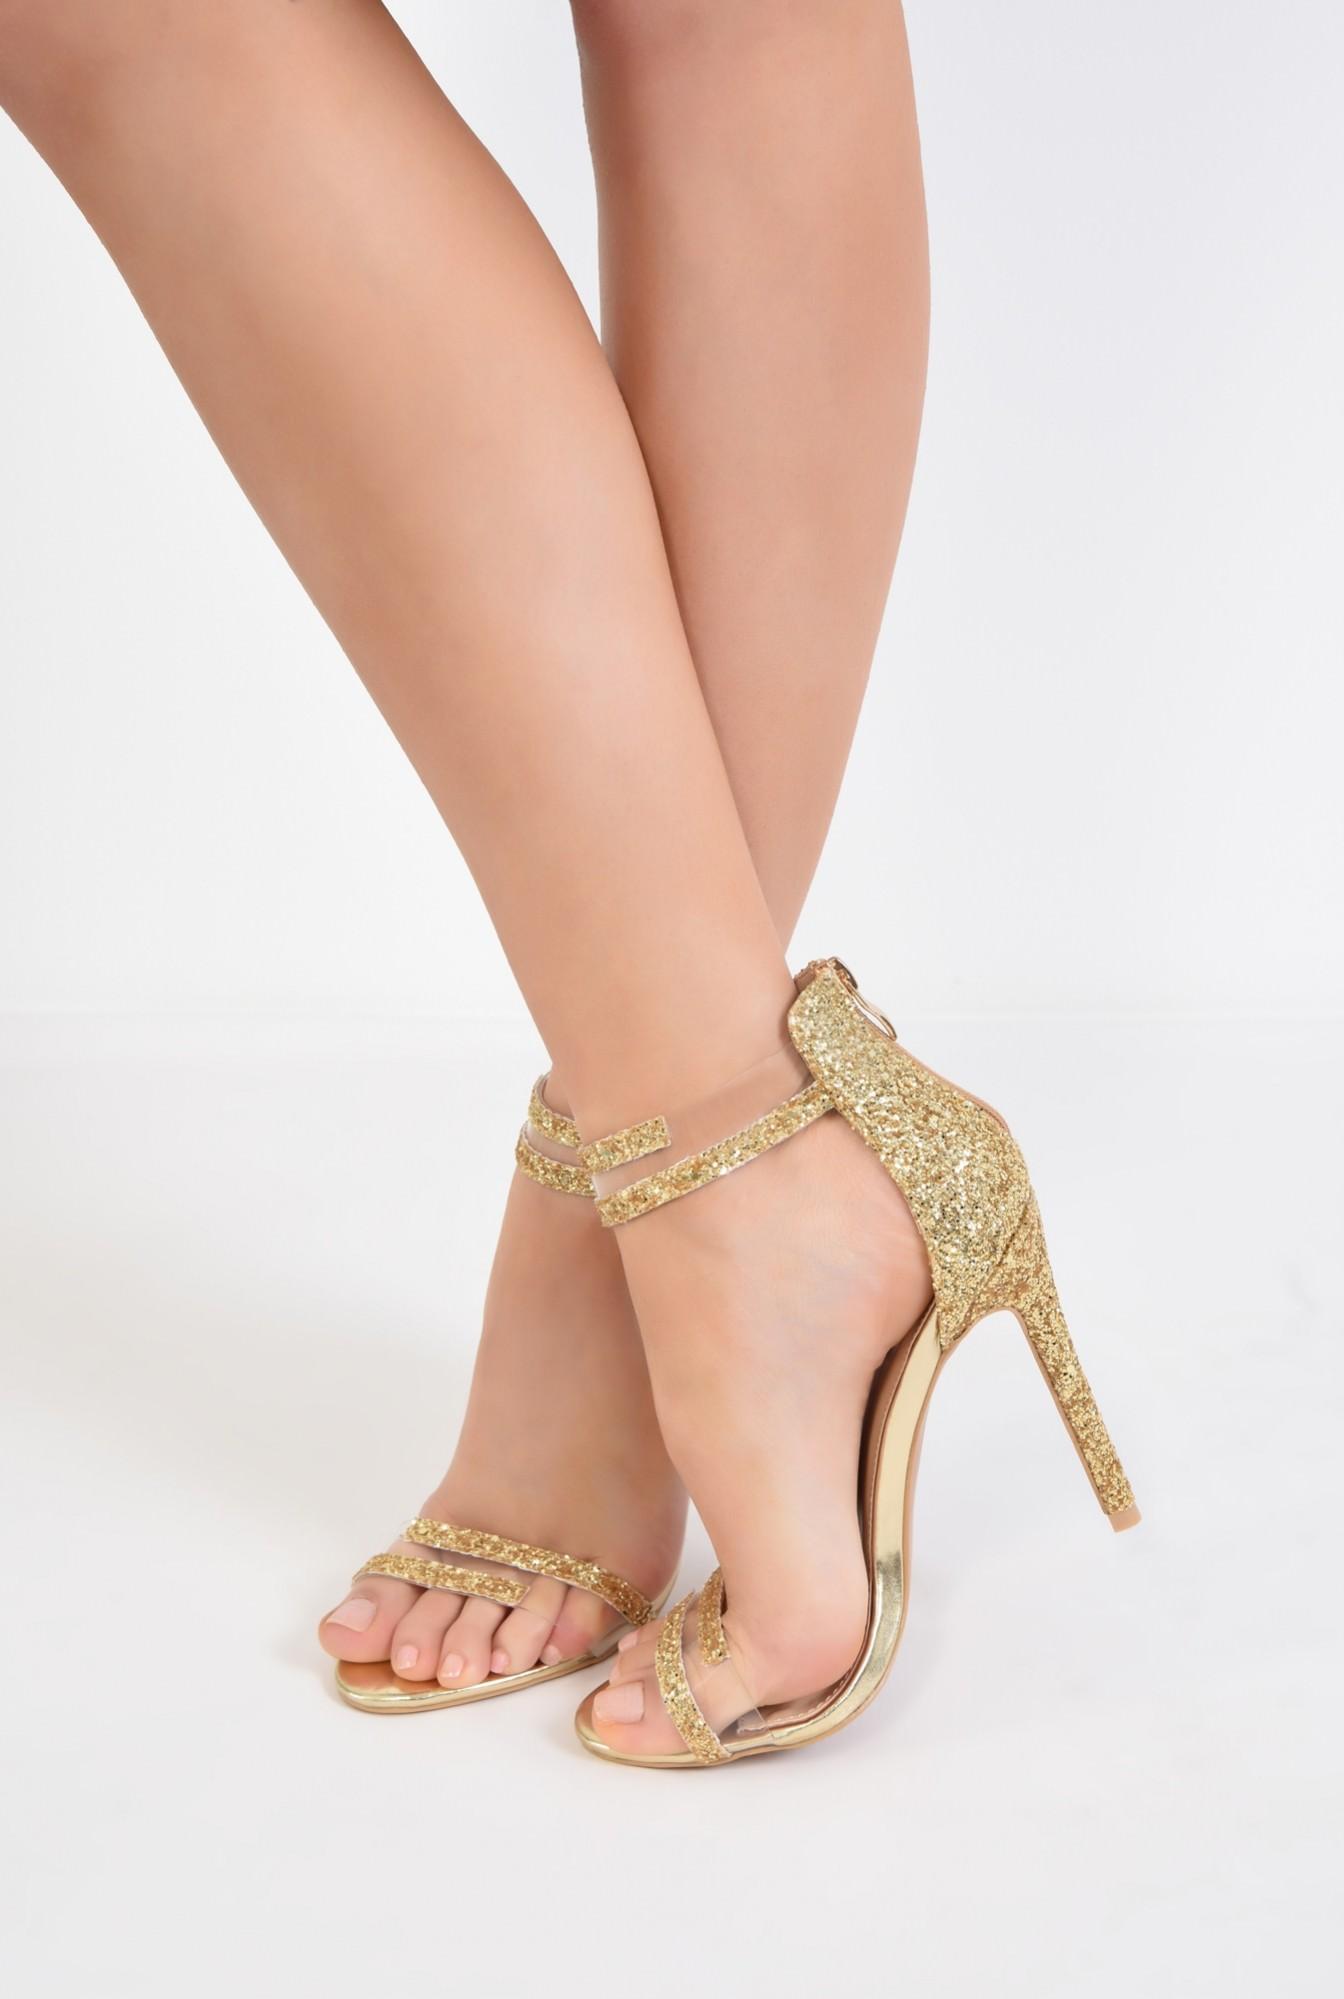 4 - sandale elegante, aurii, cu glitter, toc inalt